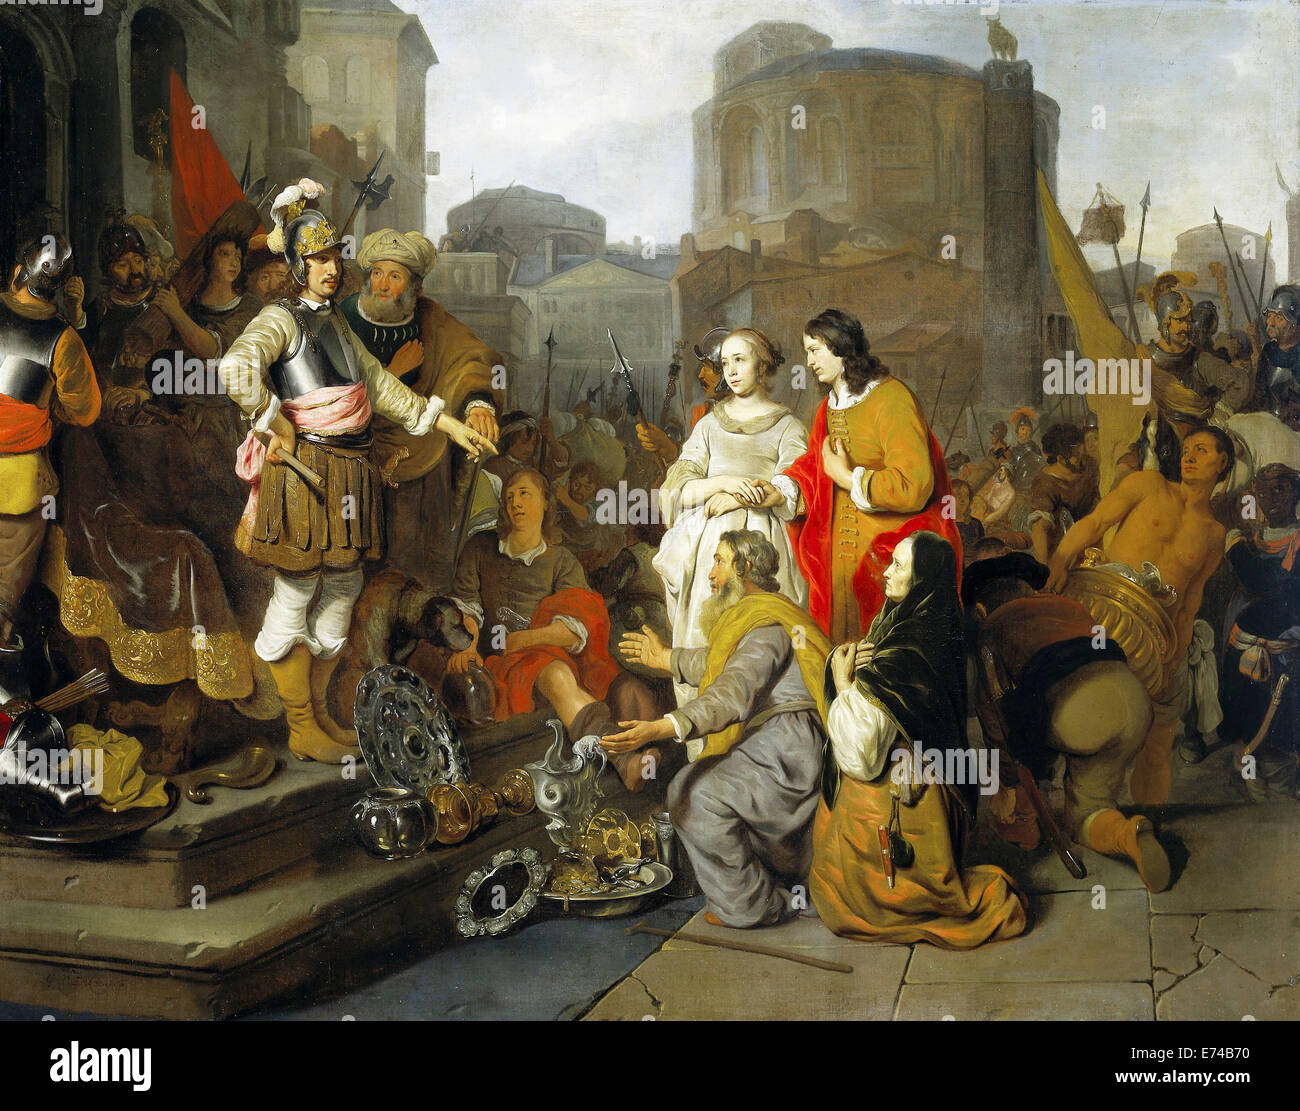 The magnanimity of Scipio - by Gerbrand van den Eeckhout, 1650 - 1655 Stock Photo